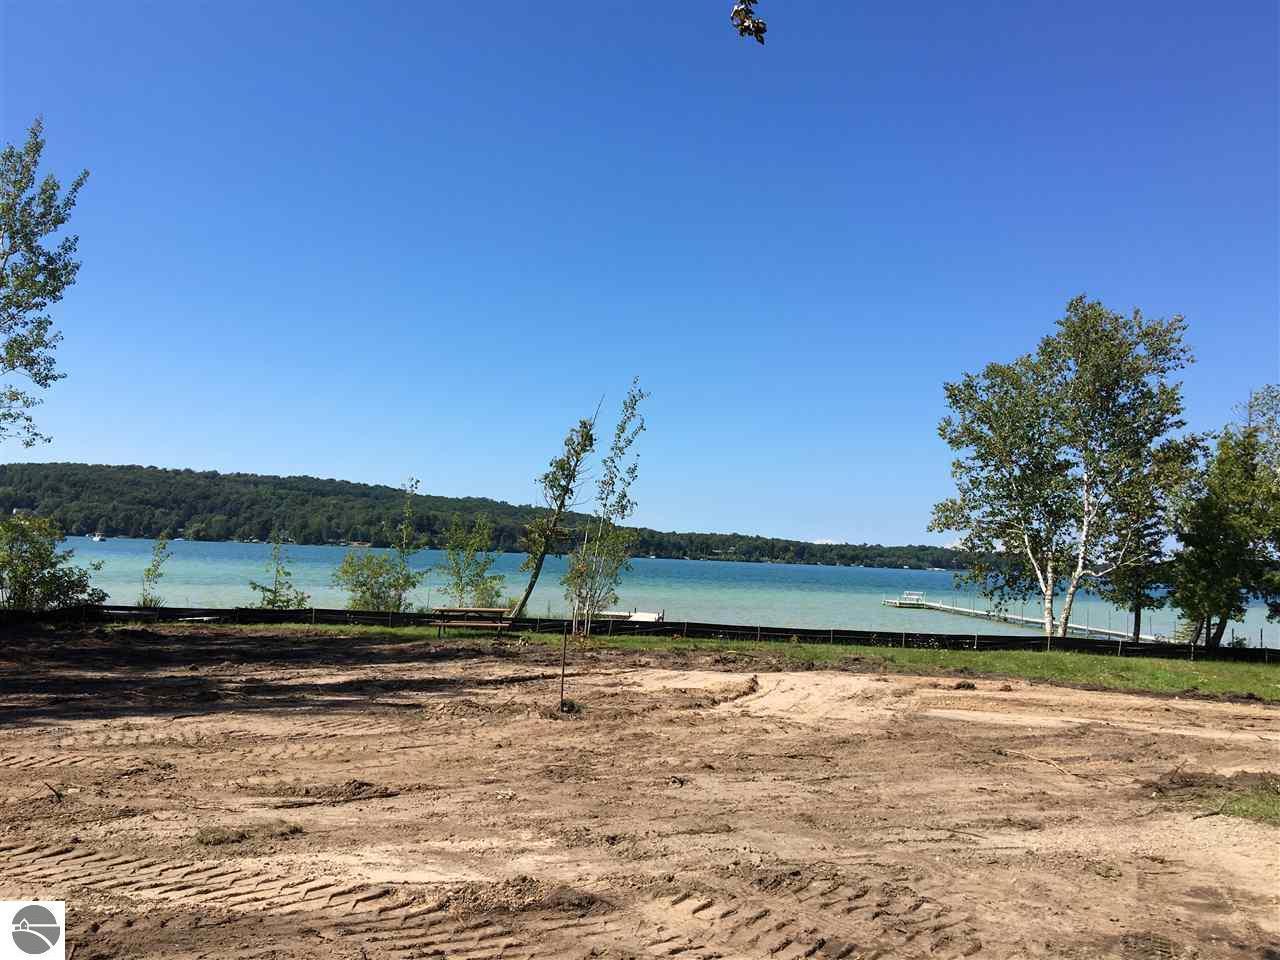 Mls 1821469 4631 land only e tall cedartrail lake for Lake leelanau fishing